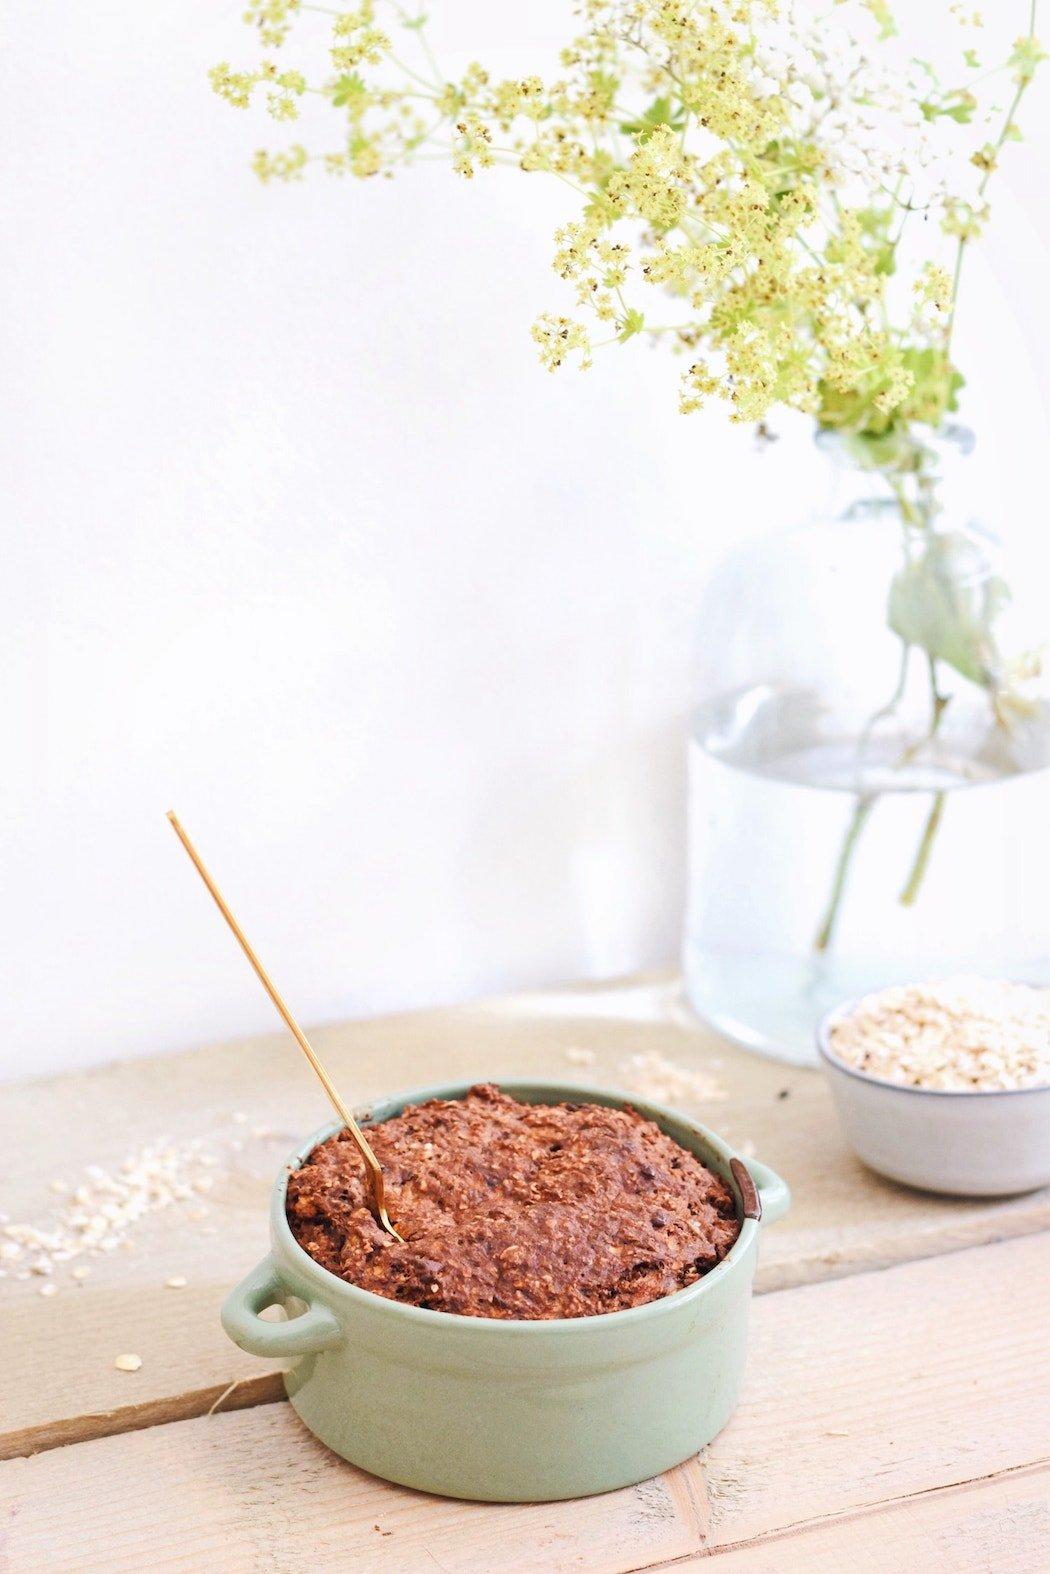 Havermout taartje met chocolade   Ontbijt recept   Healthy Wanderlust